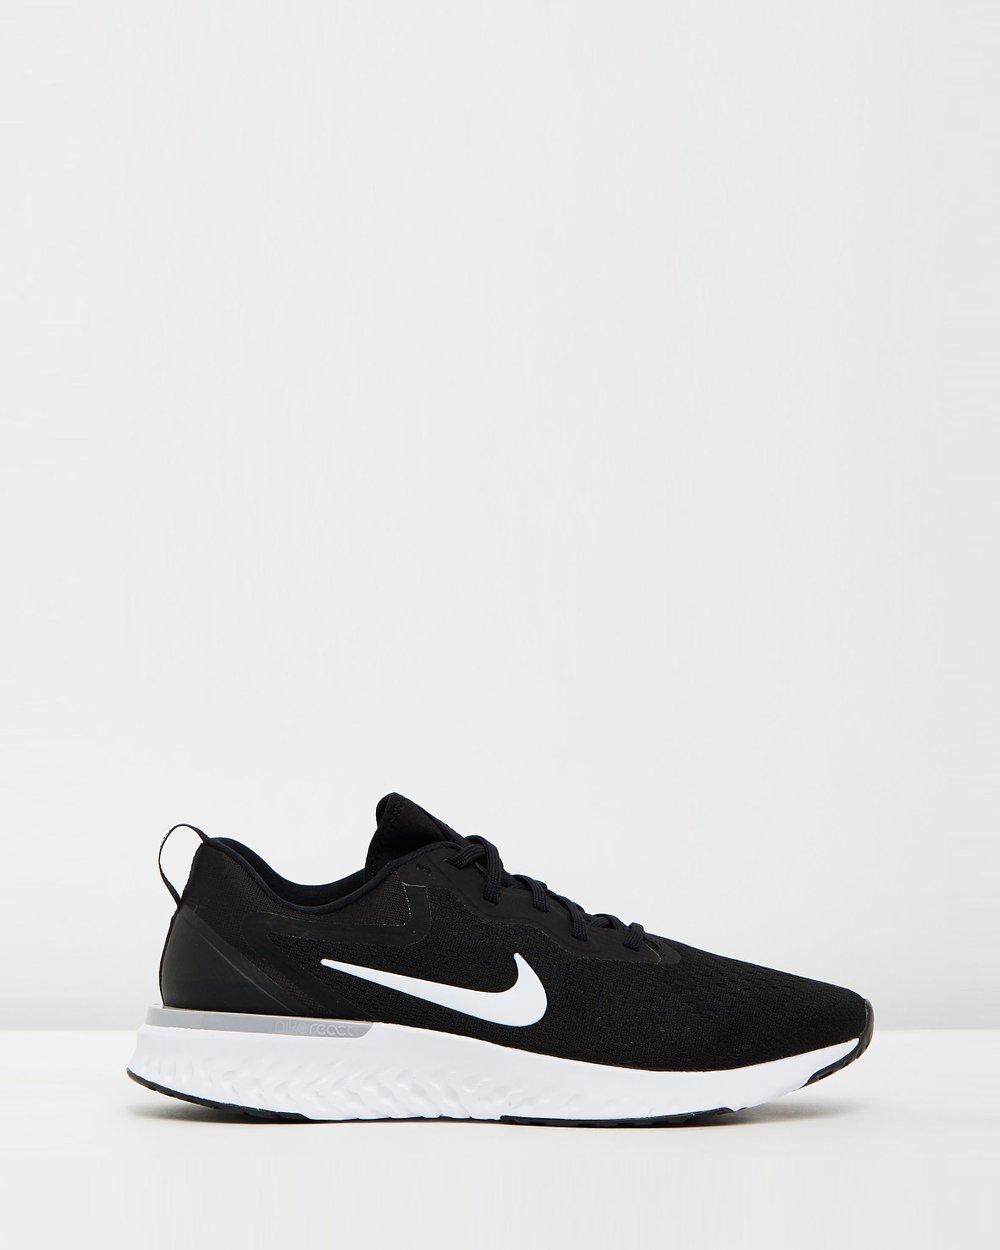 7b4564a65e8 Nike Odyssey React - Men s by Nike Online